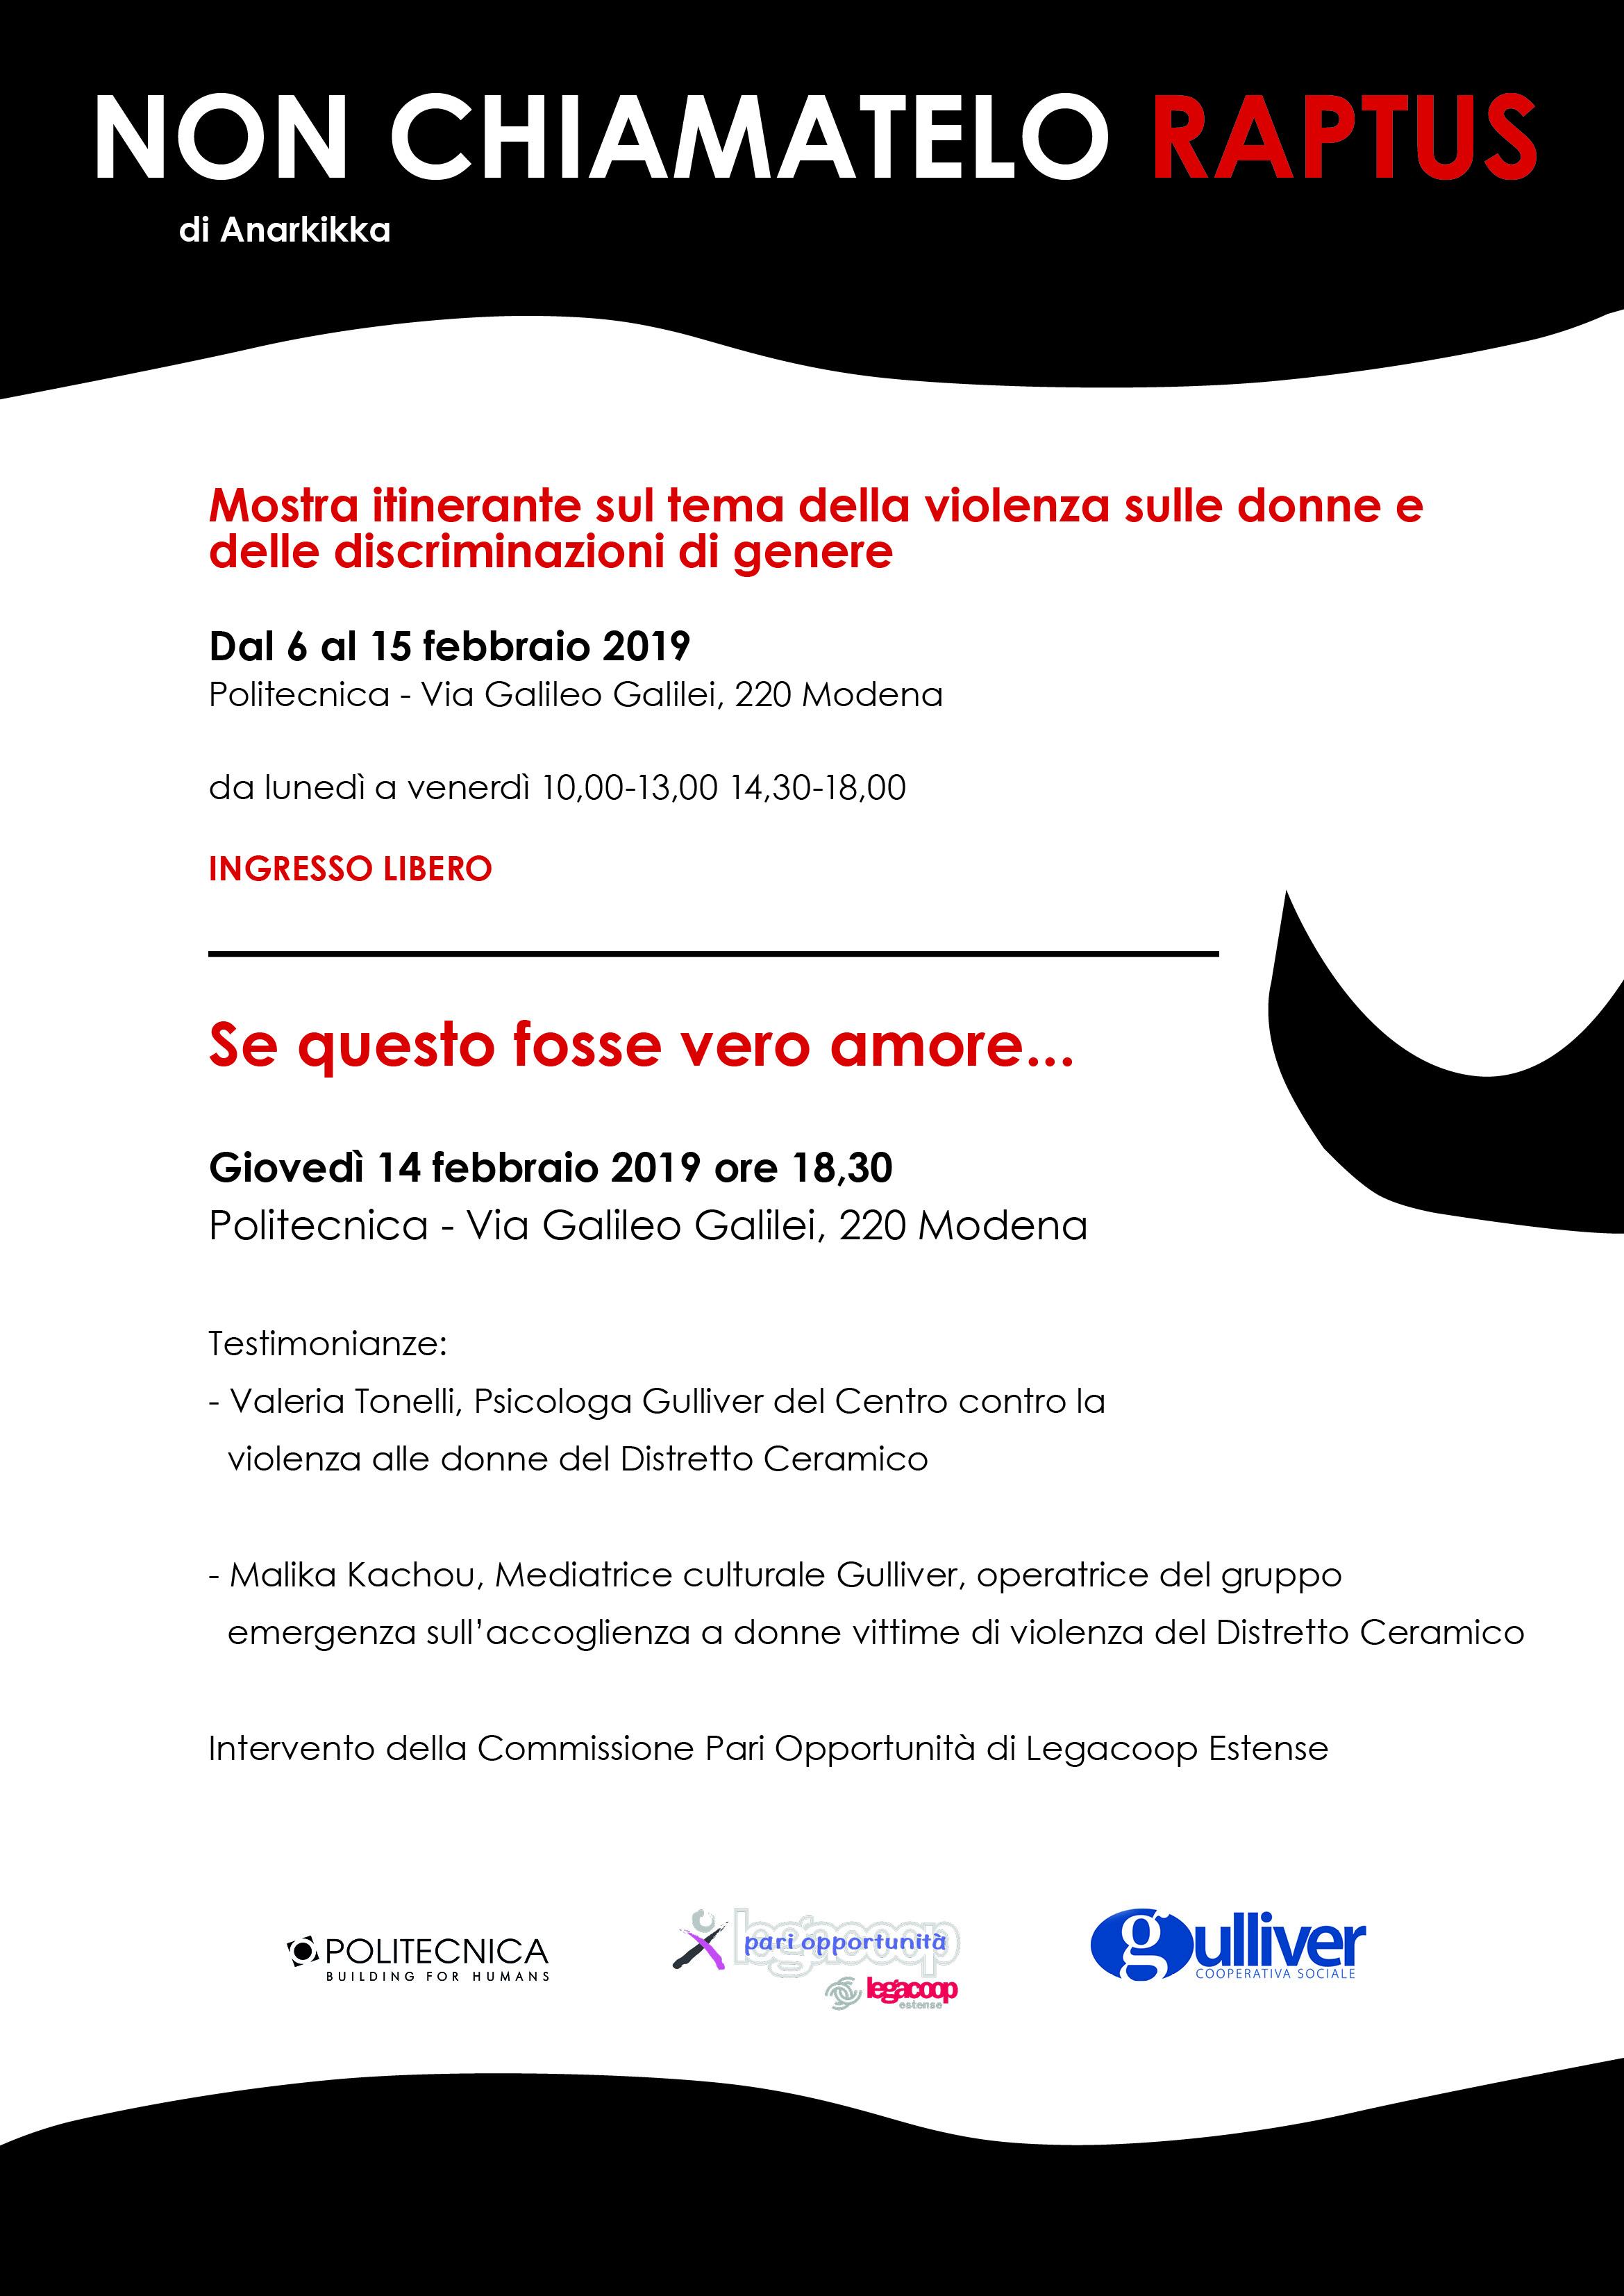 Non chiamatelo RAPTUS: Gulliver e Politecnica ospitano la mostra di Anarkikka contro la violenza sulle donne, promossa dallaCommissione Pari Opportunità di Legacoop Estense